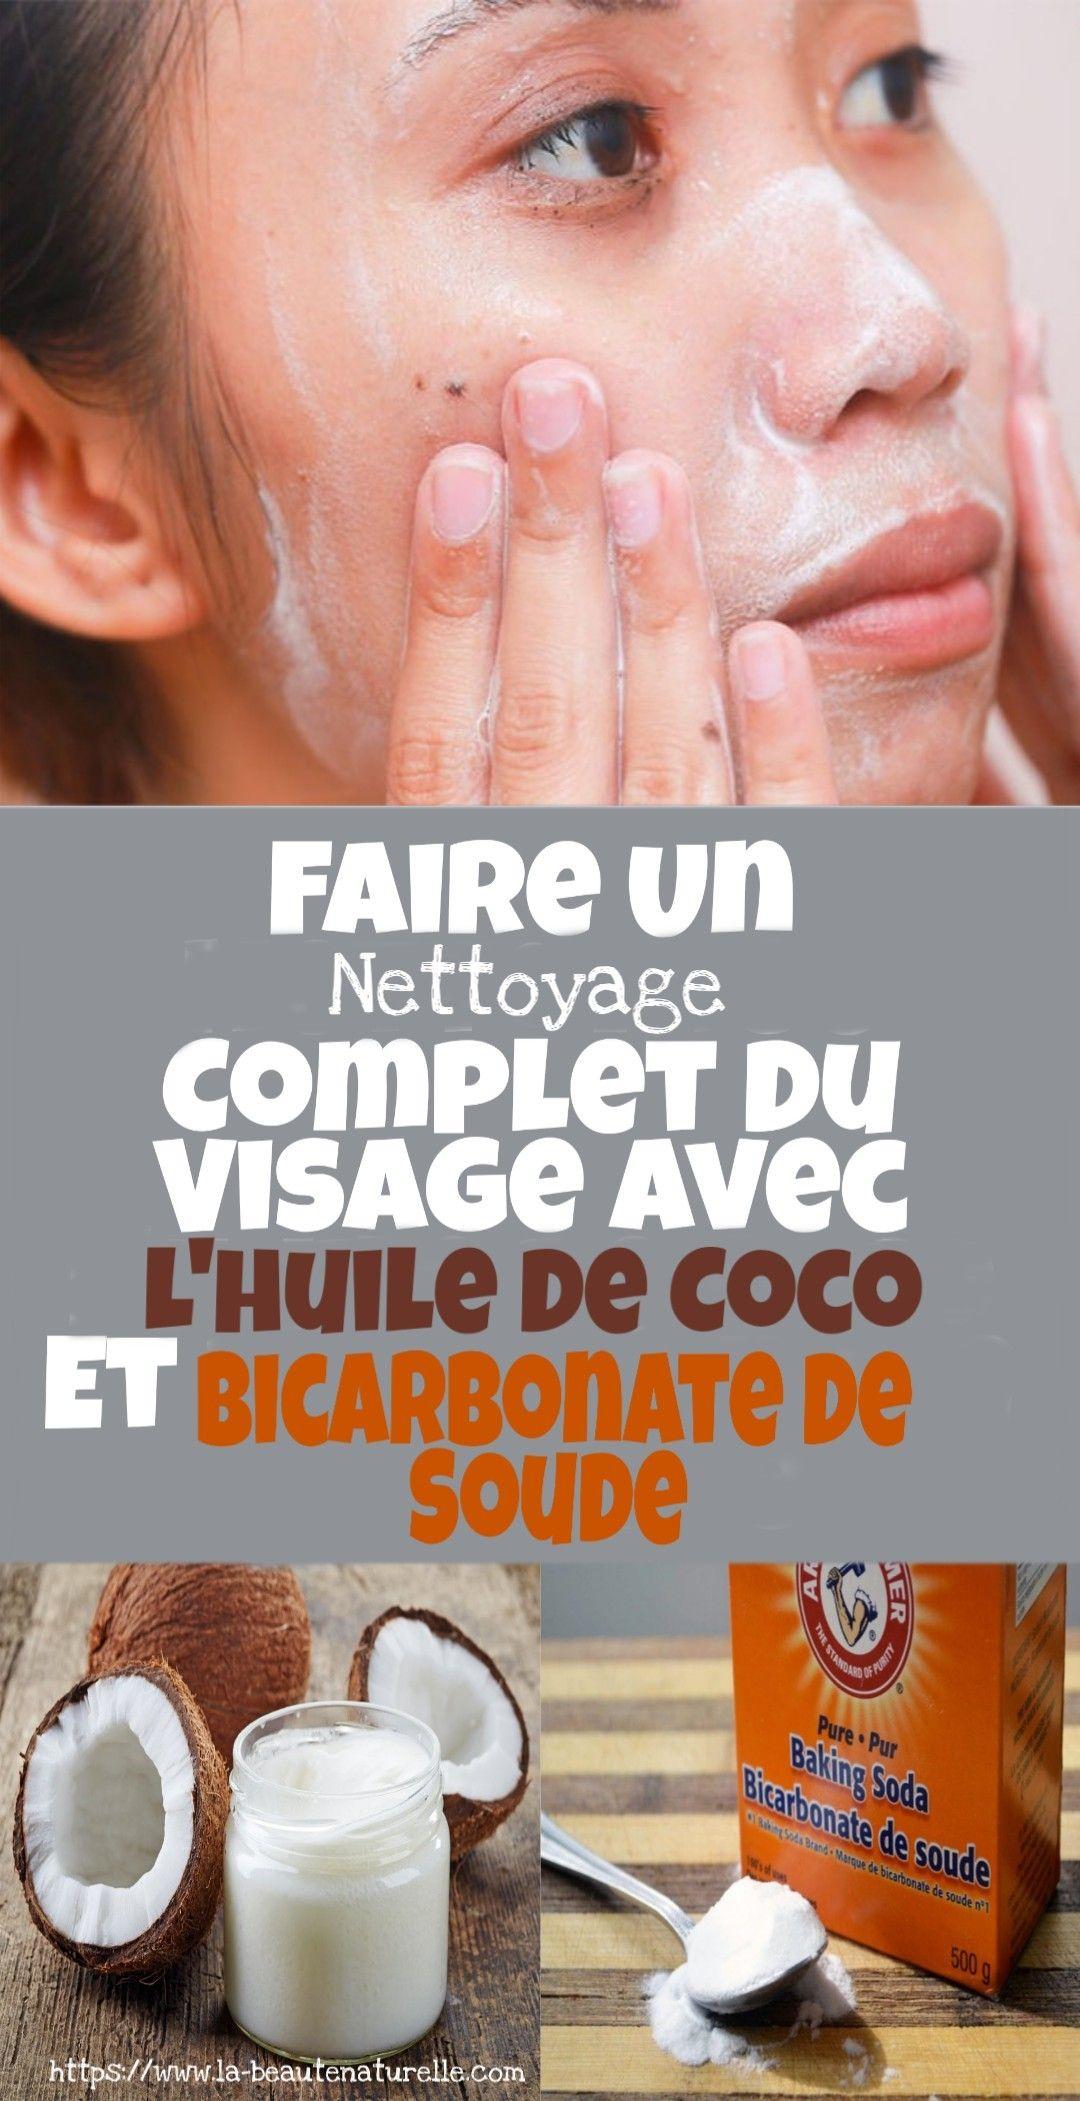 Faites un lavage complet du visage avec de l'huile de noix de coco et du bicarbonate de soude